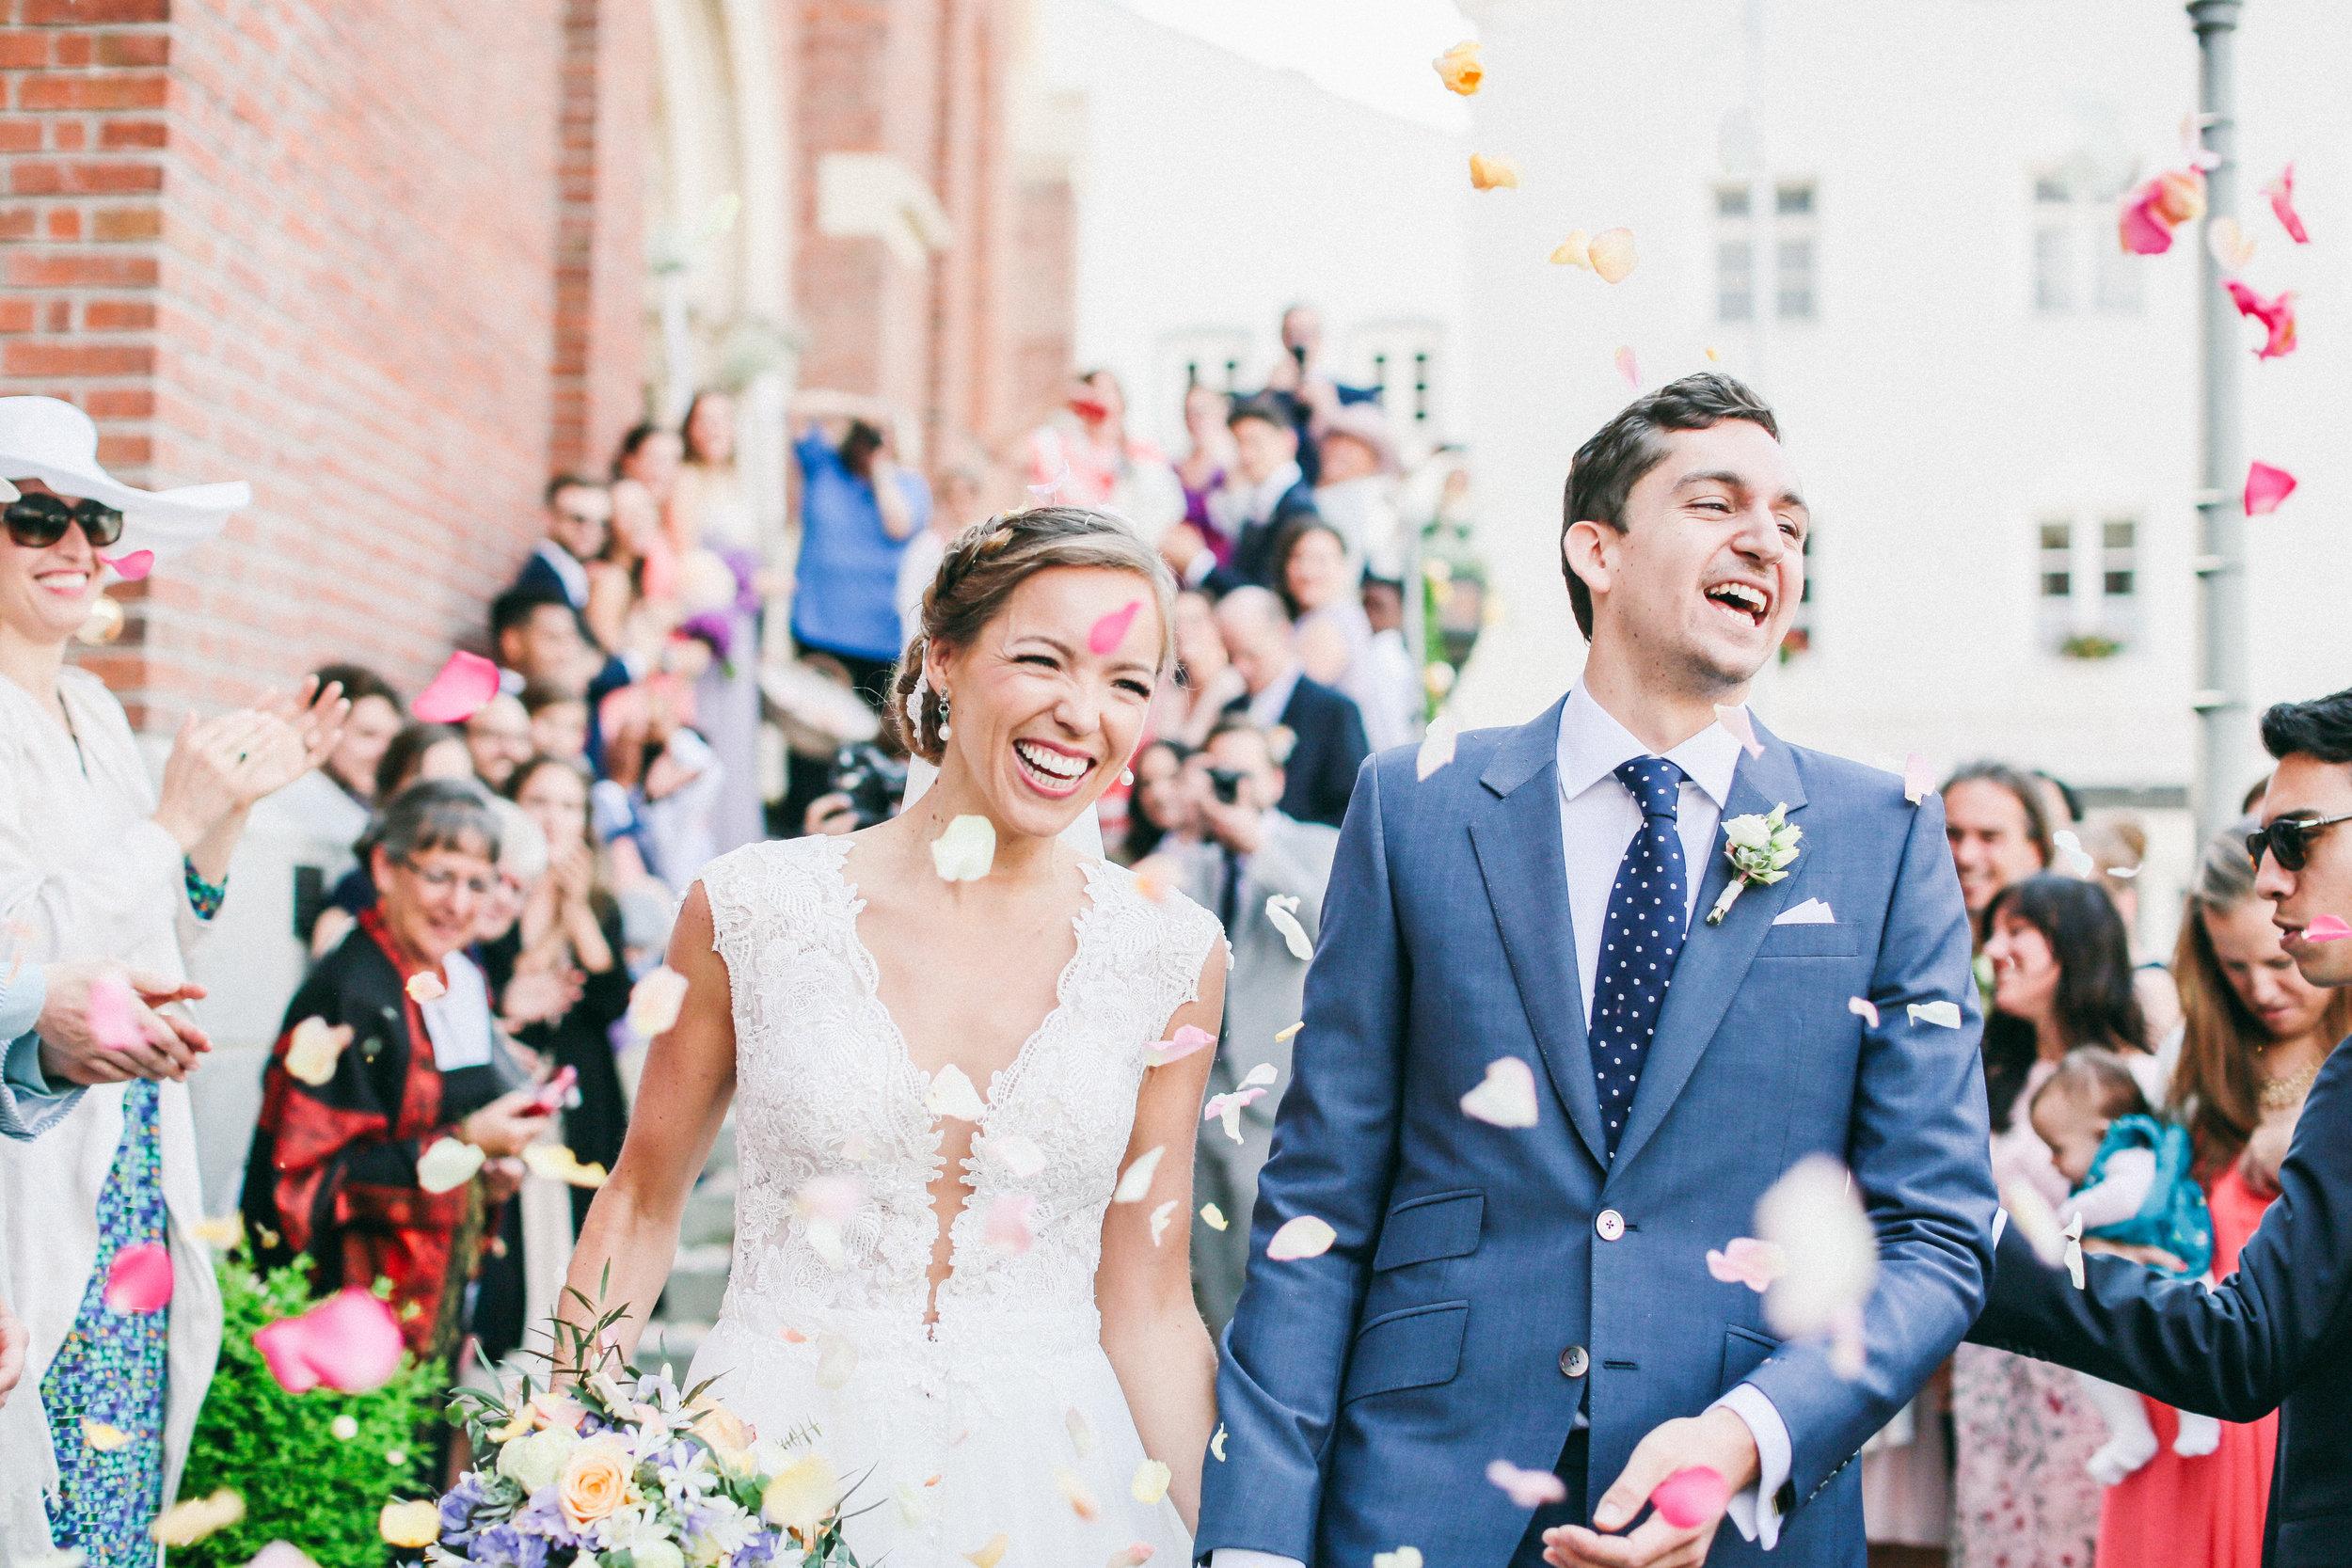 Hochzeitsfoto-nancyebert-339.jpg